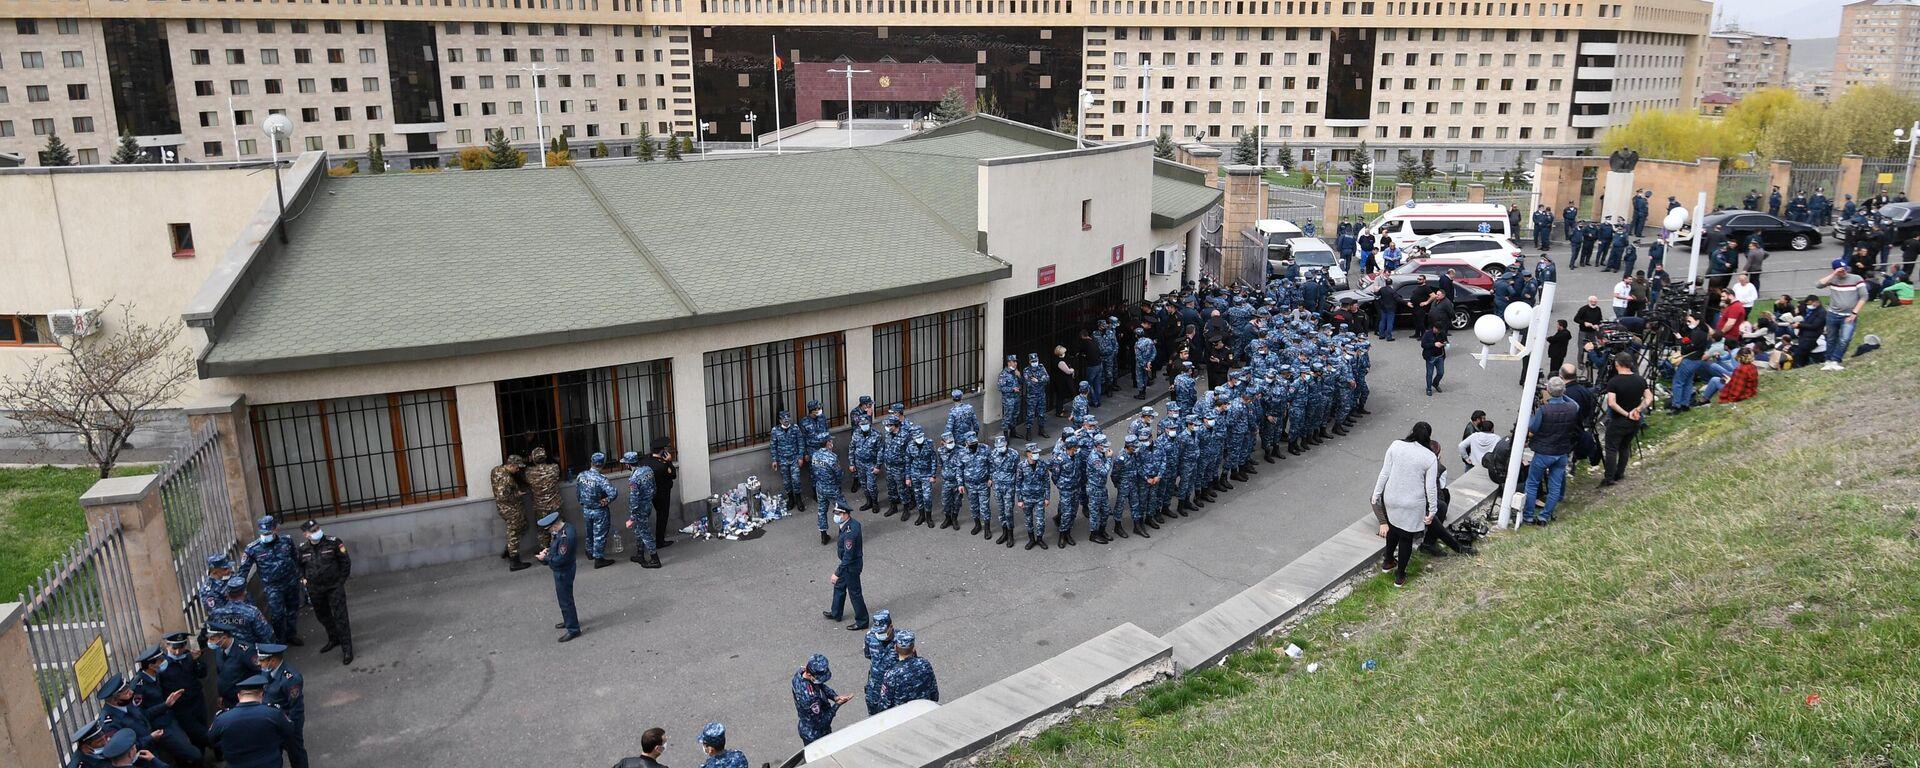 Verstärkte Polizeiaufgebote vor dem Verteidigugnsministerium Armeniens, wo Angehörige vermisster Soldaten einen Austausch von Kriegsgefangenen fordern. Eriwan, 9. April 2021 - SNA, 1920, 09.04.2021